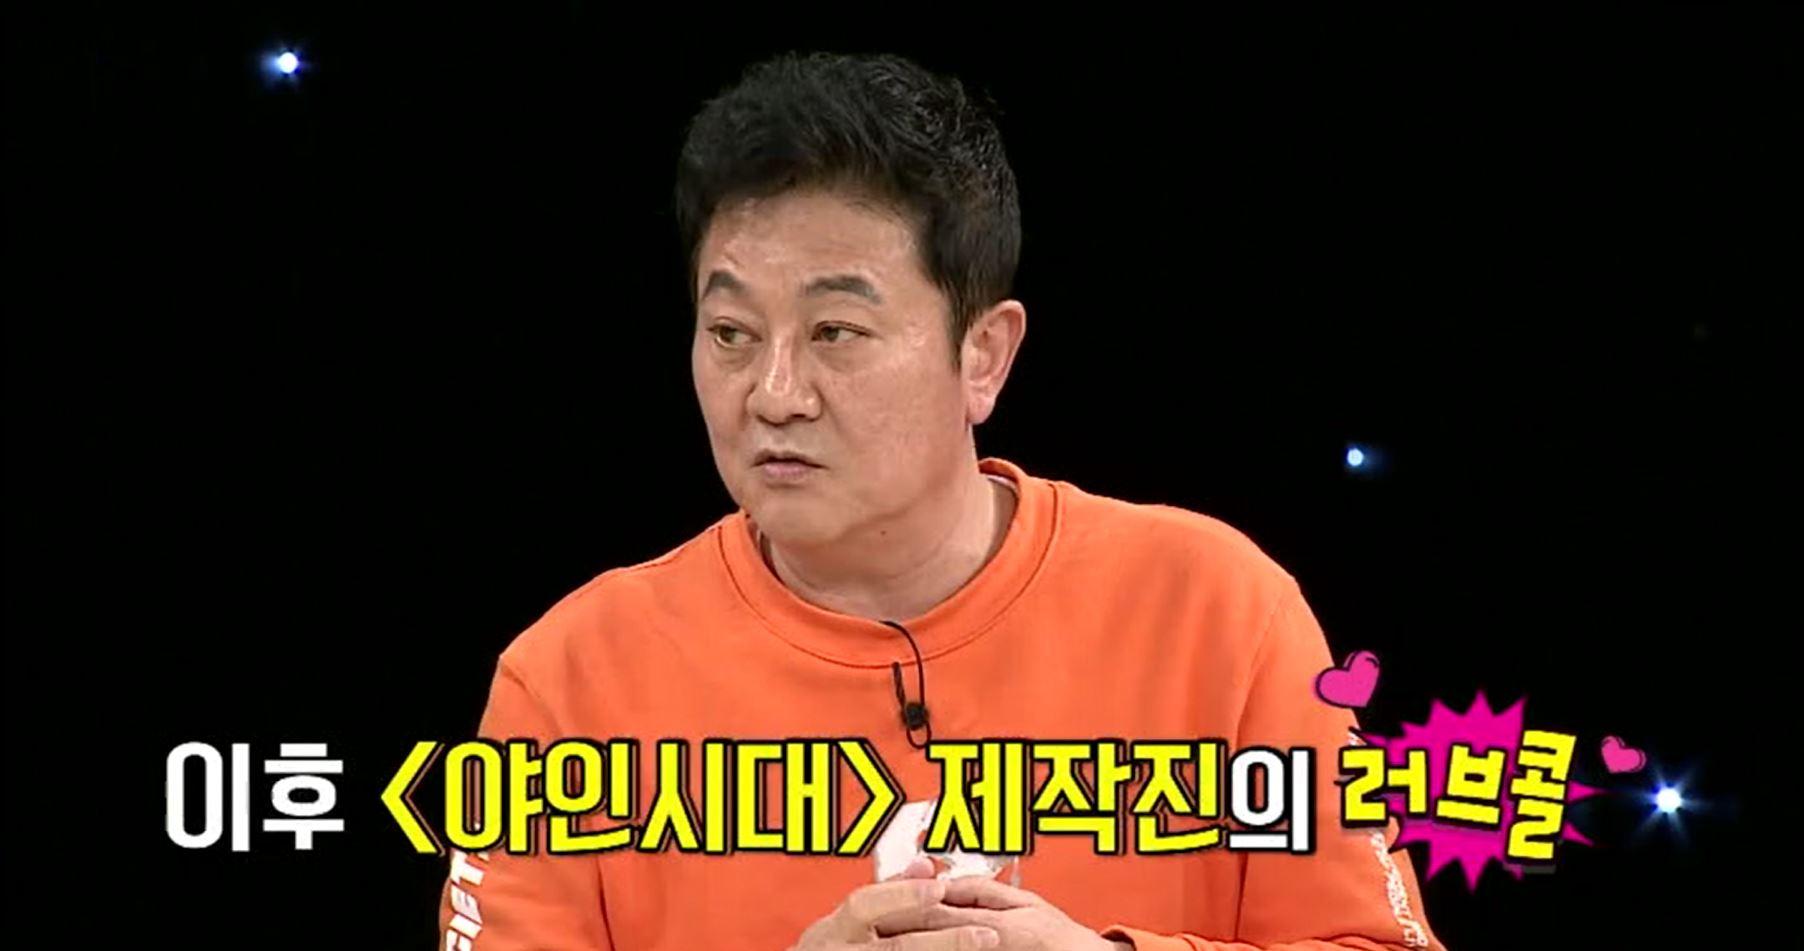 '비디오스타' 박준규, 아내 덕에 무명생활 청산했다? '쌍칼' 비하인드 공개